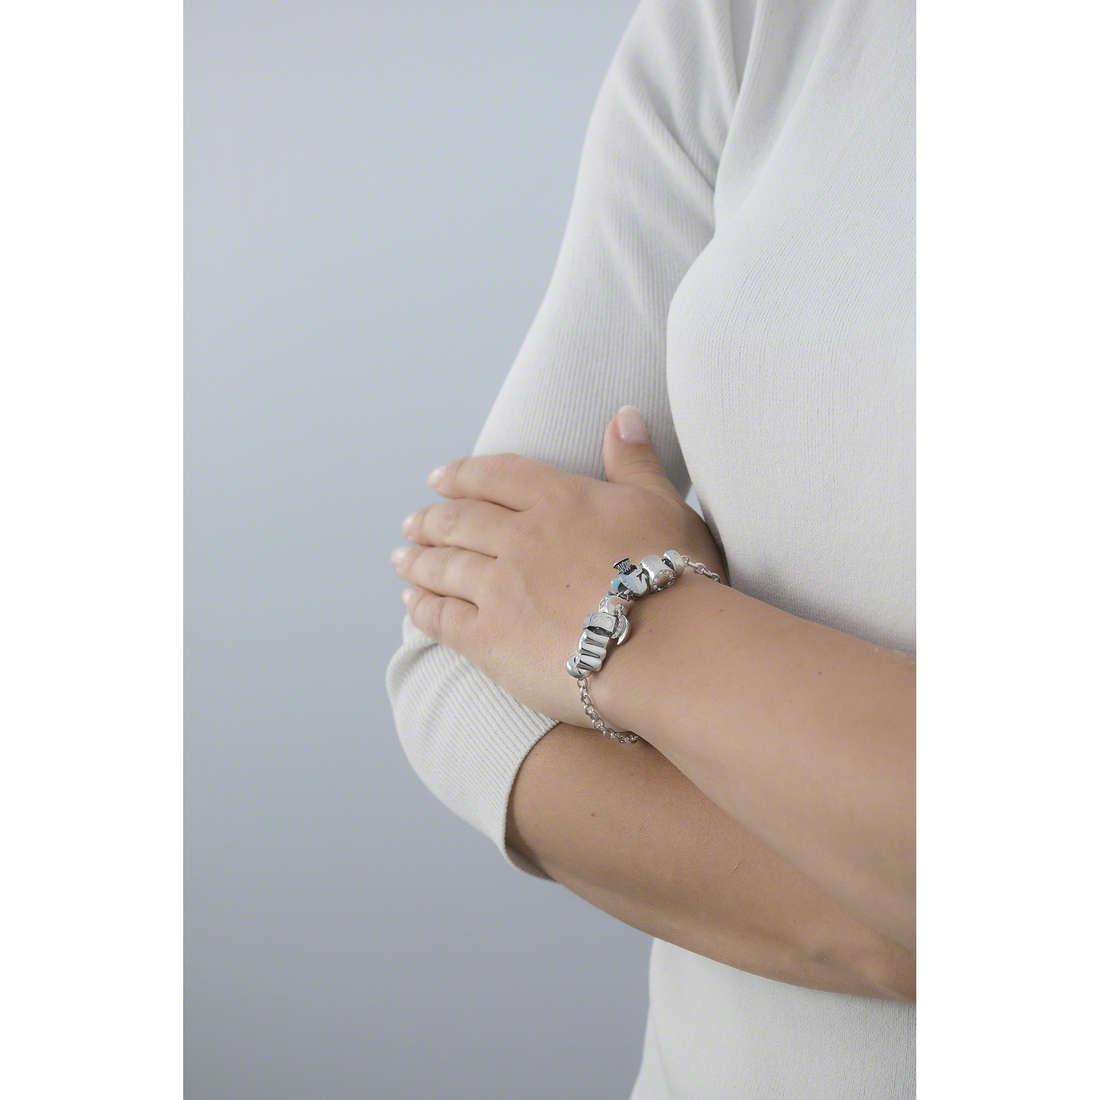 Morellato bracciali Drops donna SCZ688 indosso